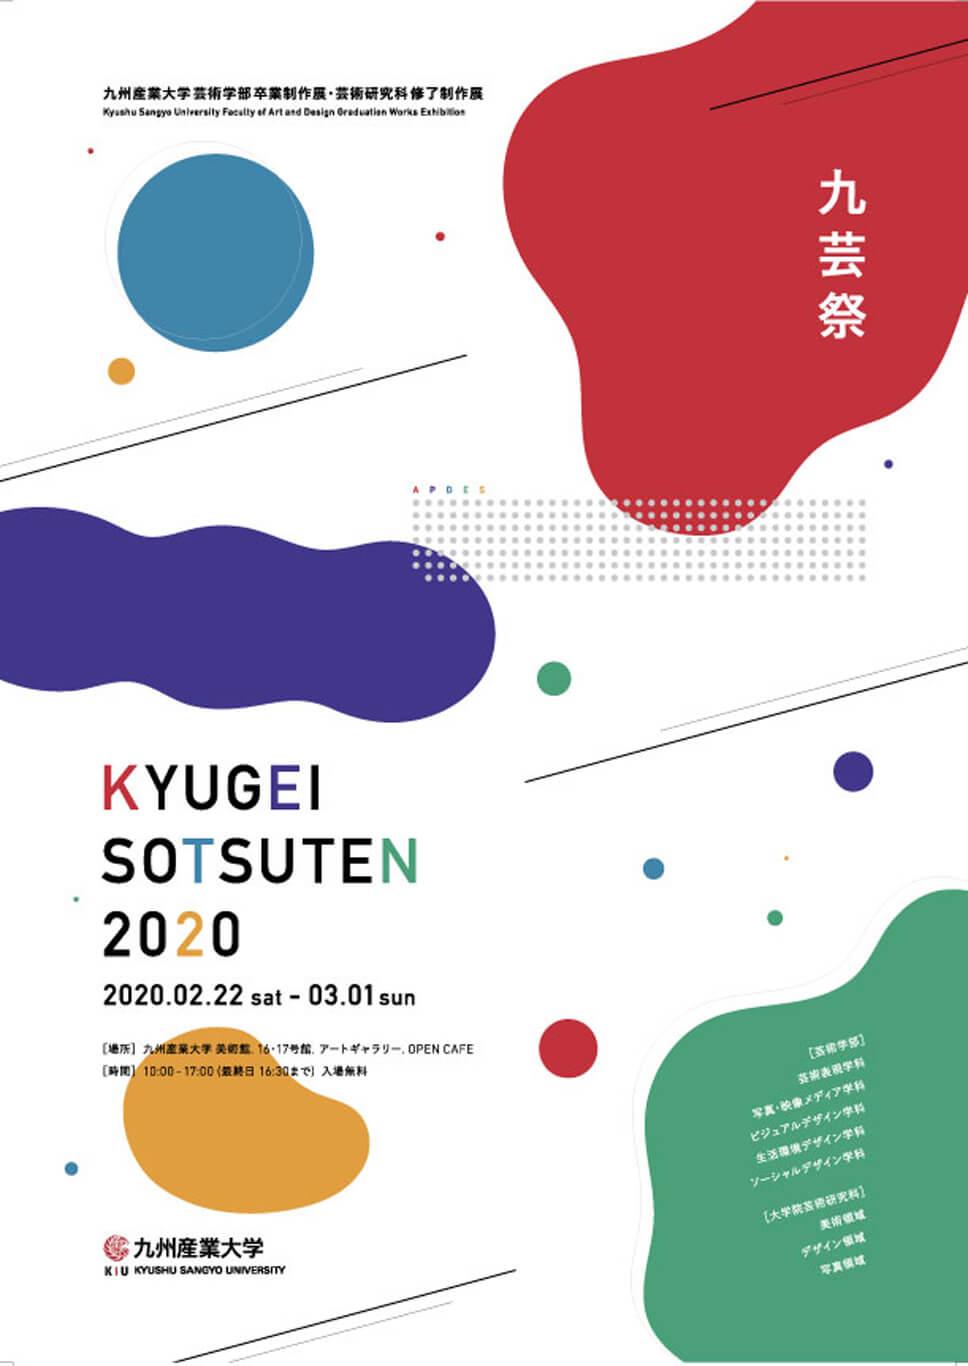 mksu-202002-九芸祭